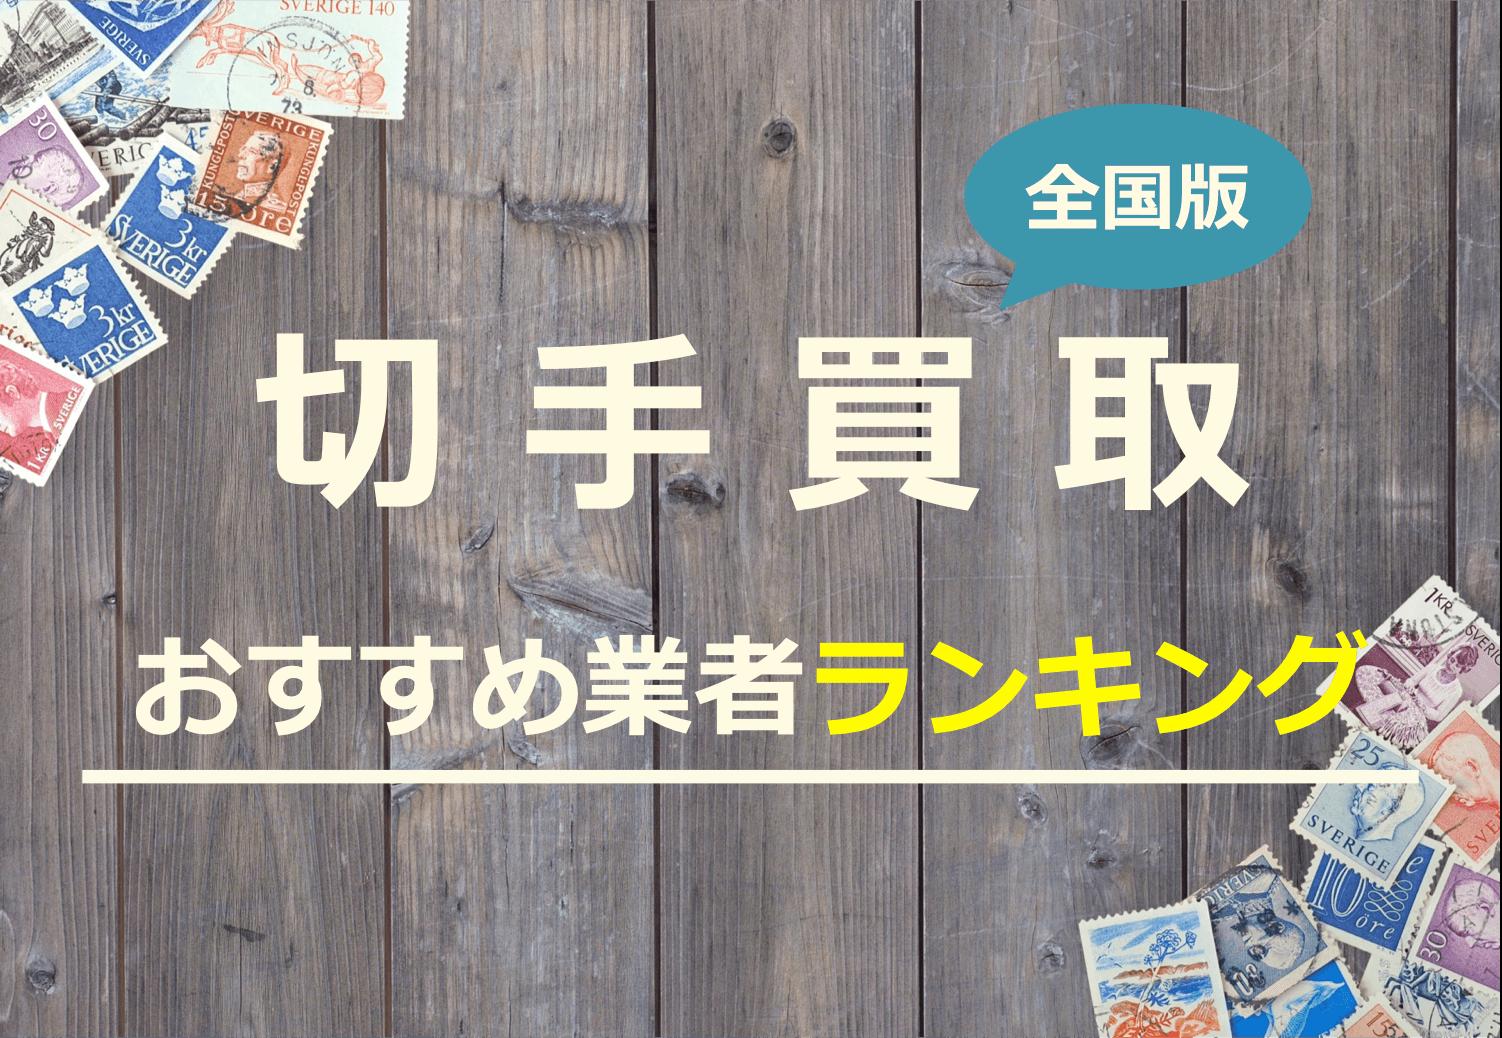 【2019年版】切手買取のおすすめ業者ランキング!口コミ評判の良い買取額が高い業者をご紹介